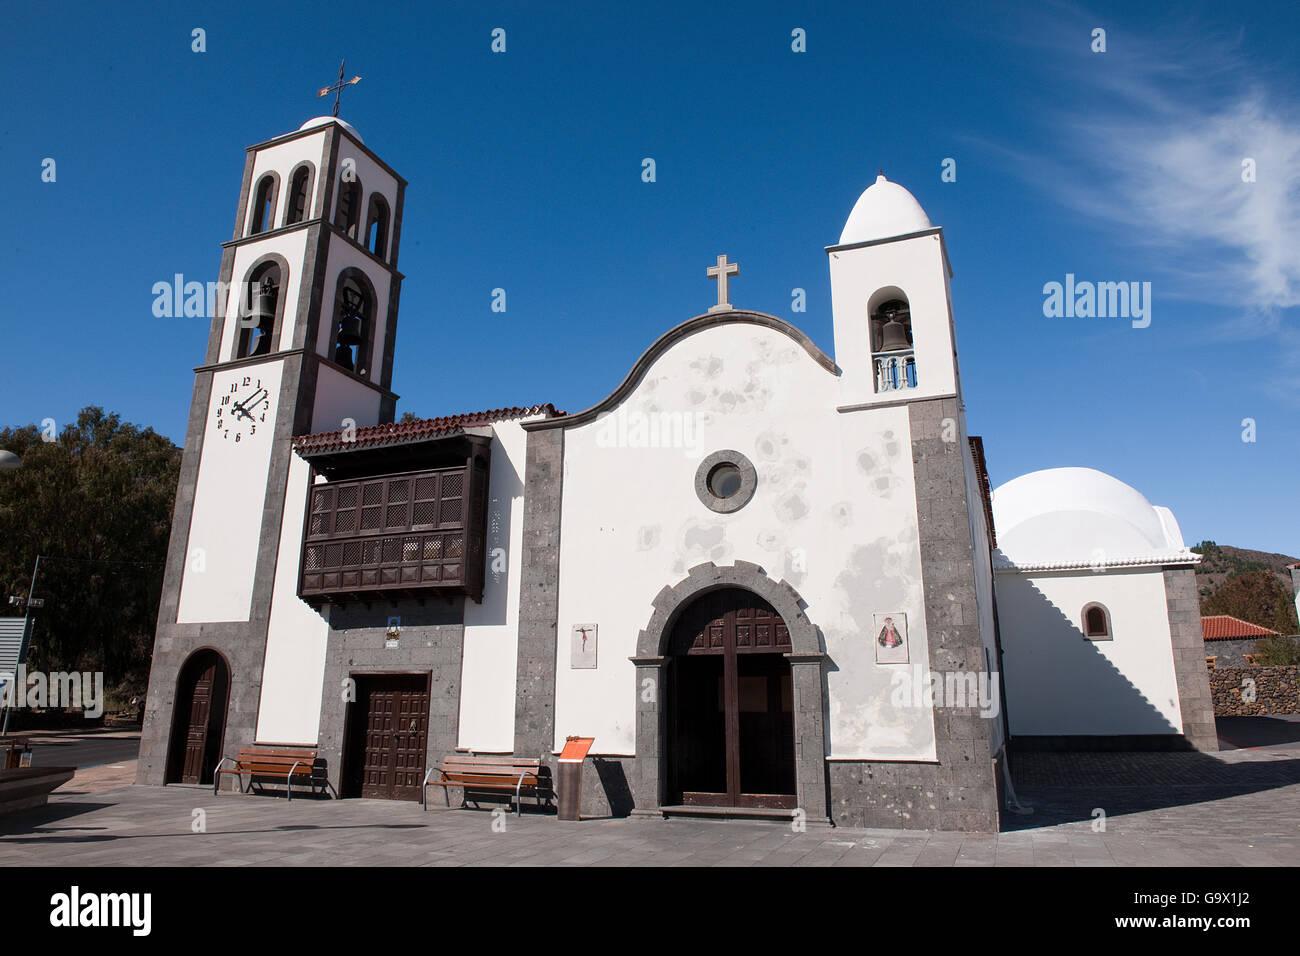 Kirche, Santiago del Teide, Teneriffa, Teneriffa, Kanarische Inseln, Spanien, Europa Stockbild